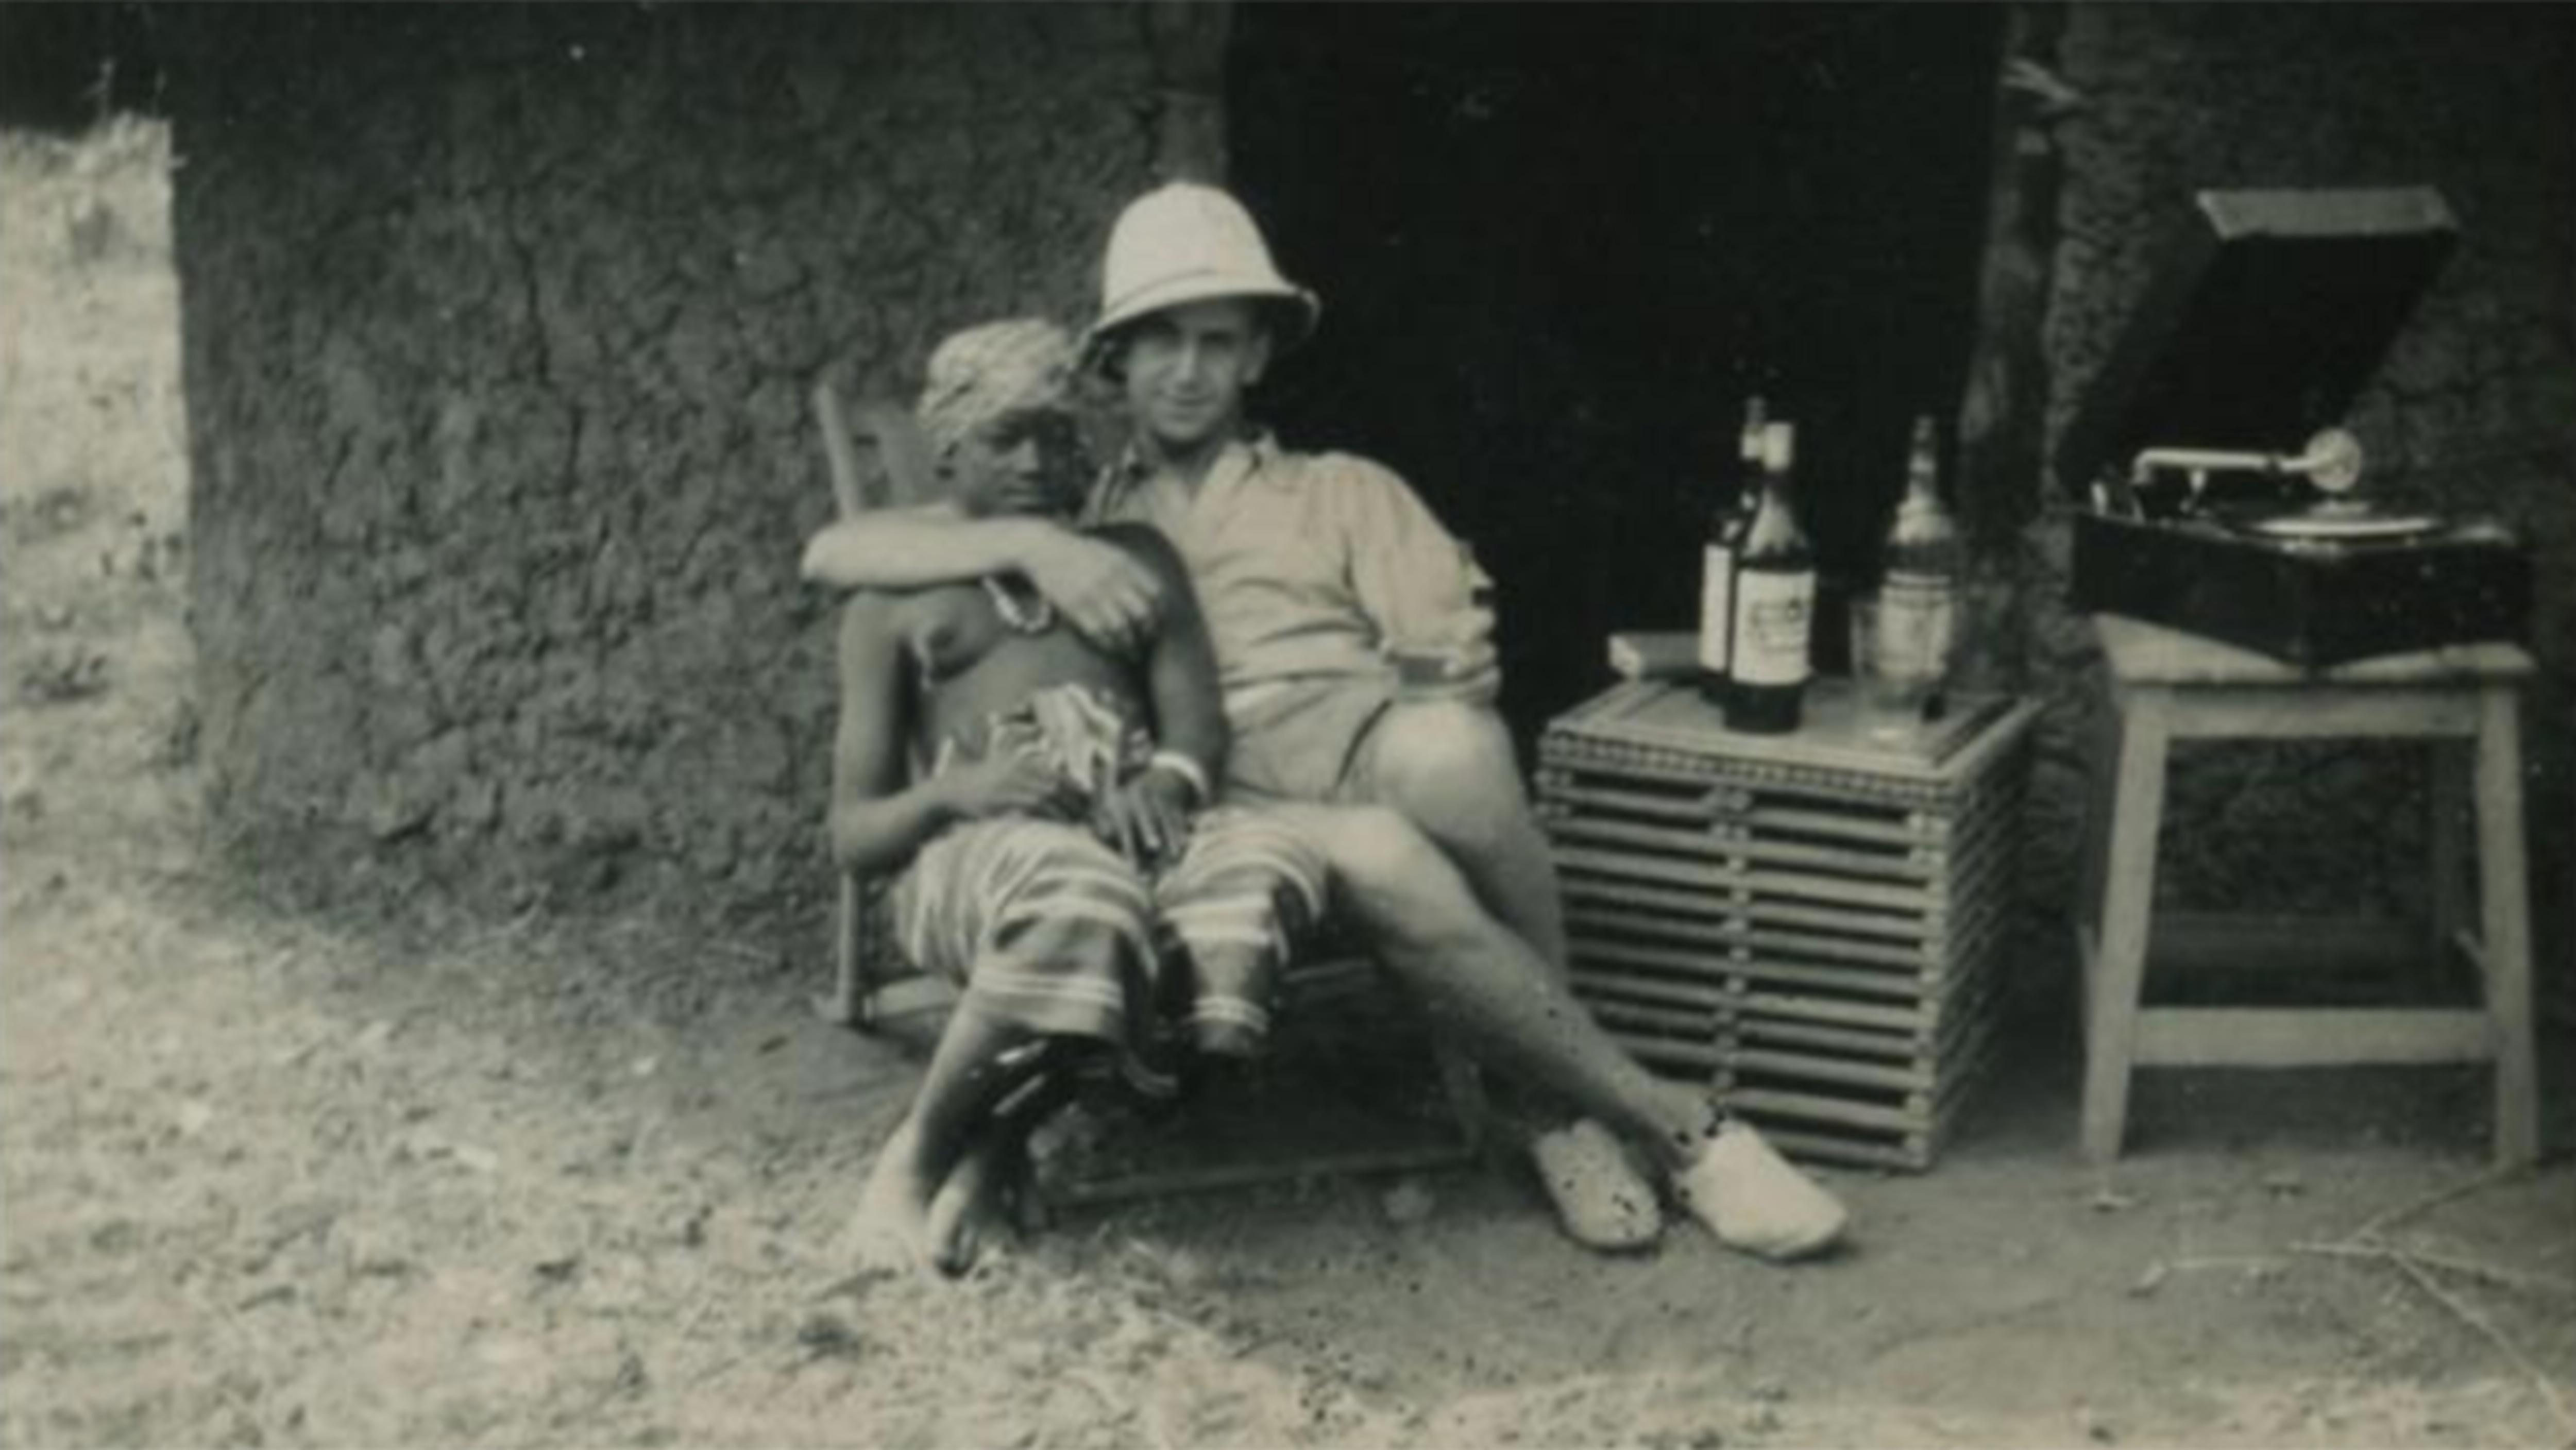 Un homme blanc enlace une jeune femme noire à la poitrine dénudée dans cette image tirée du livre Sexe, race et colonies.